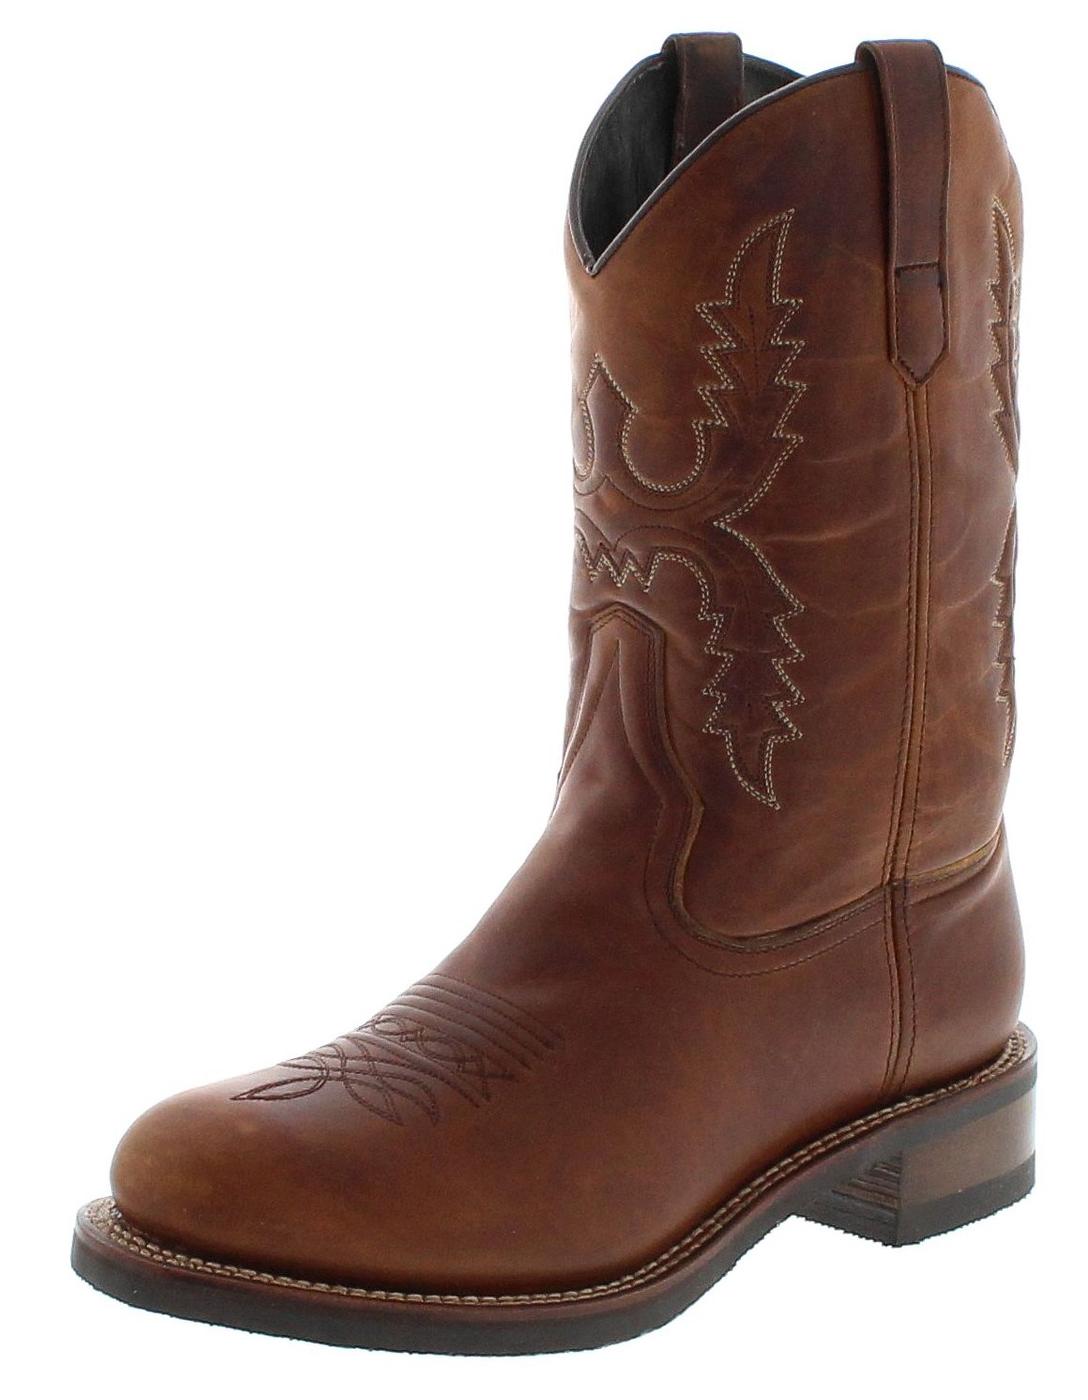 Sendra Boots 14340 Tang Herren Westernreitstiefel mit Thinsulate Isolierung - braun